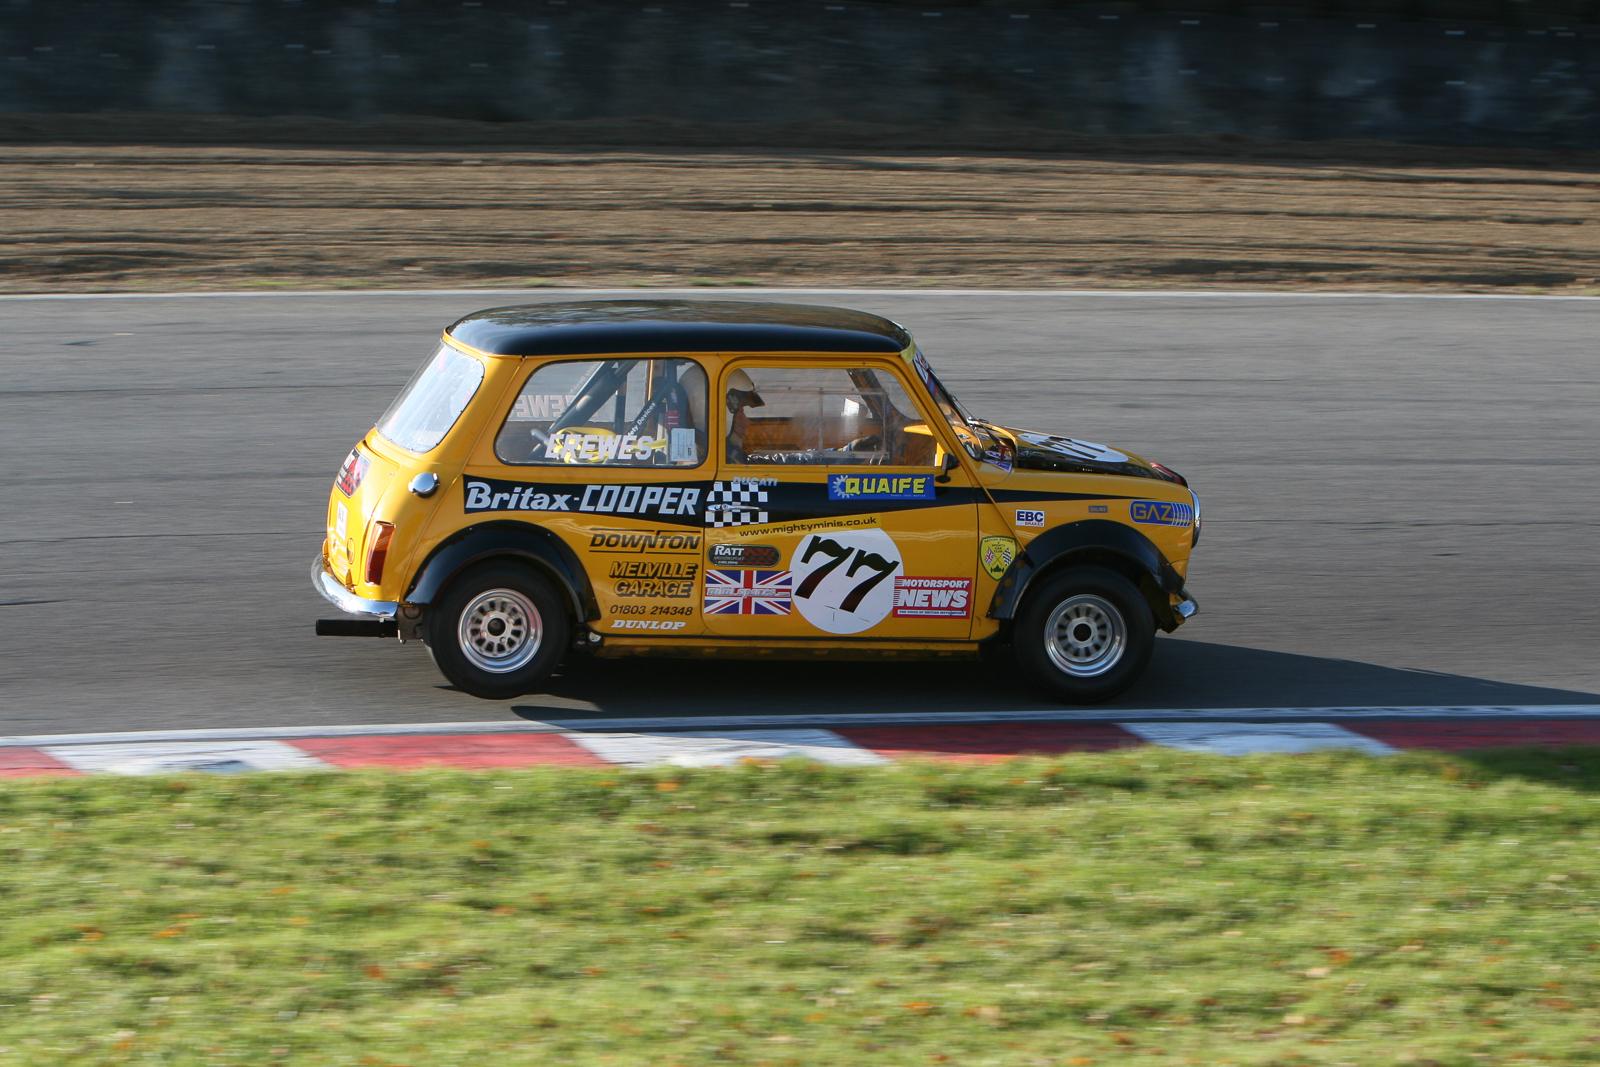 20071103 - Truck Racing Brands -071103 -014